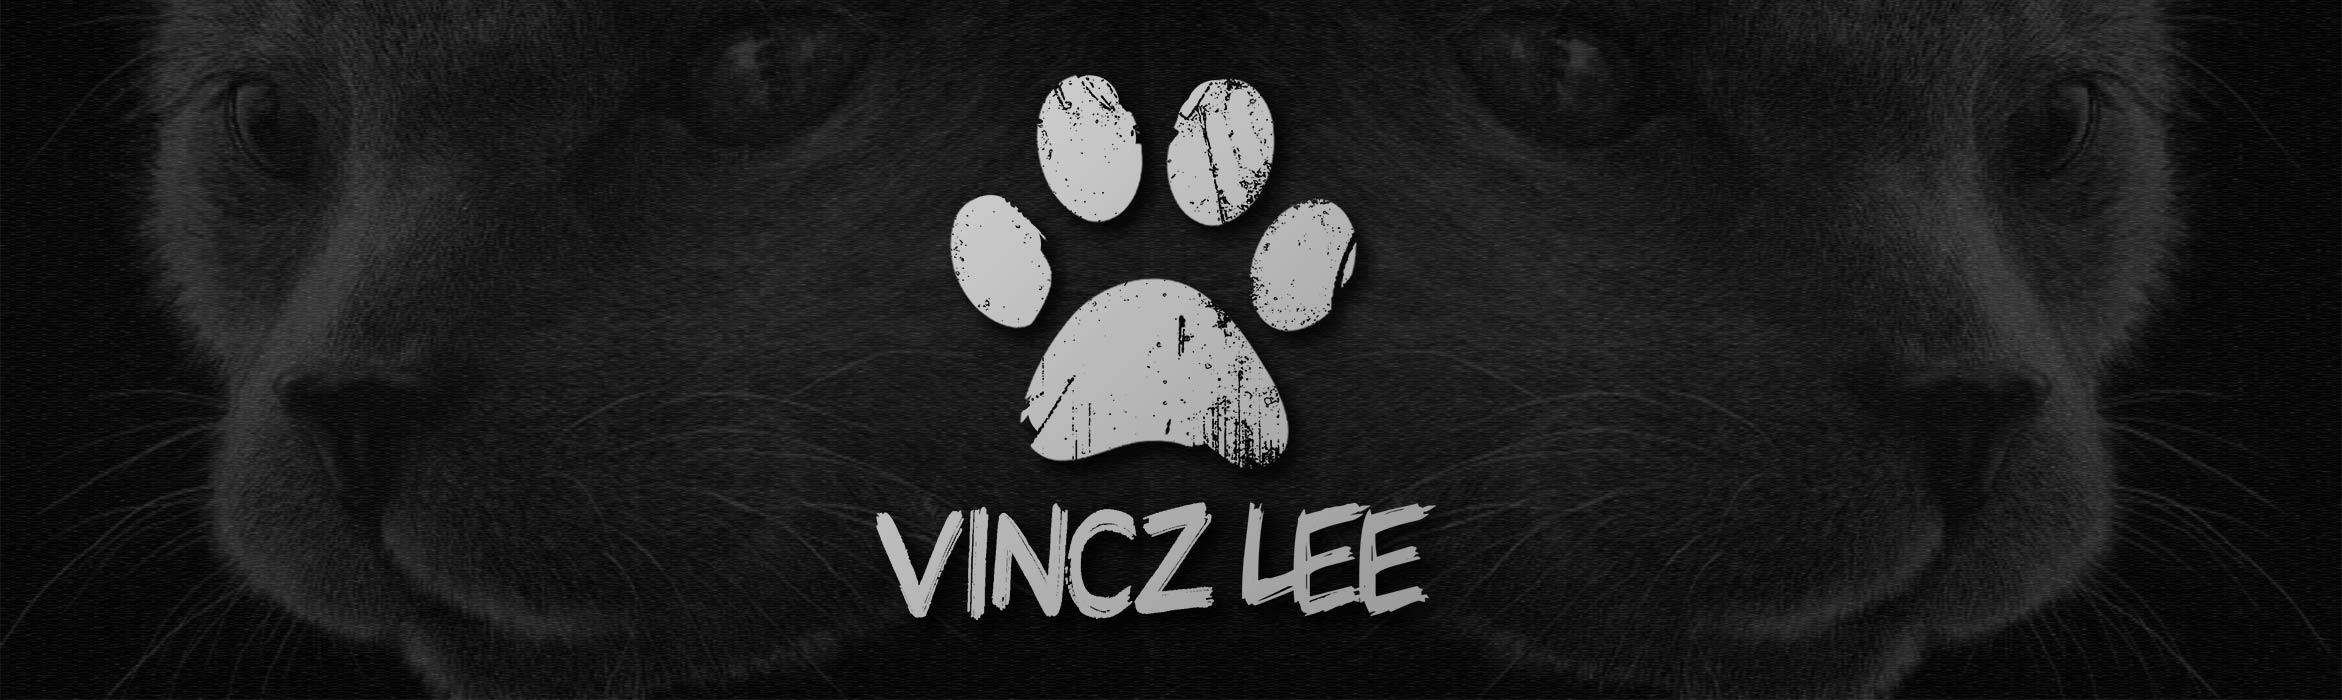 vincz-site-banner